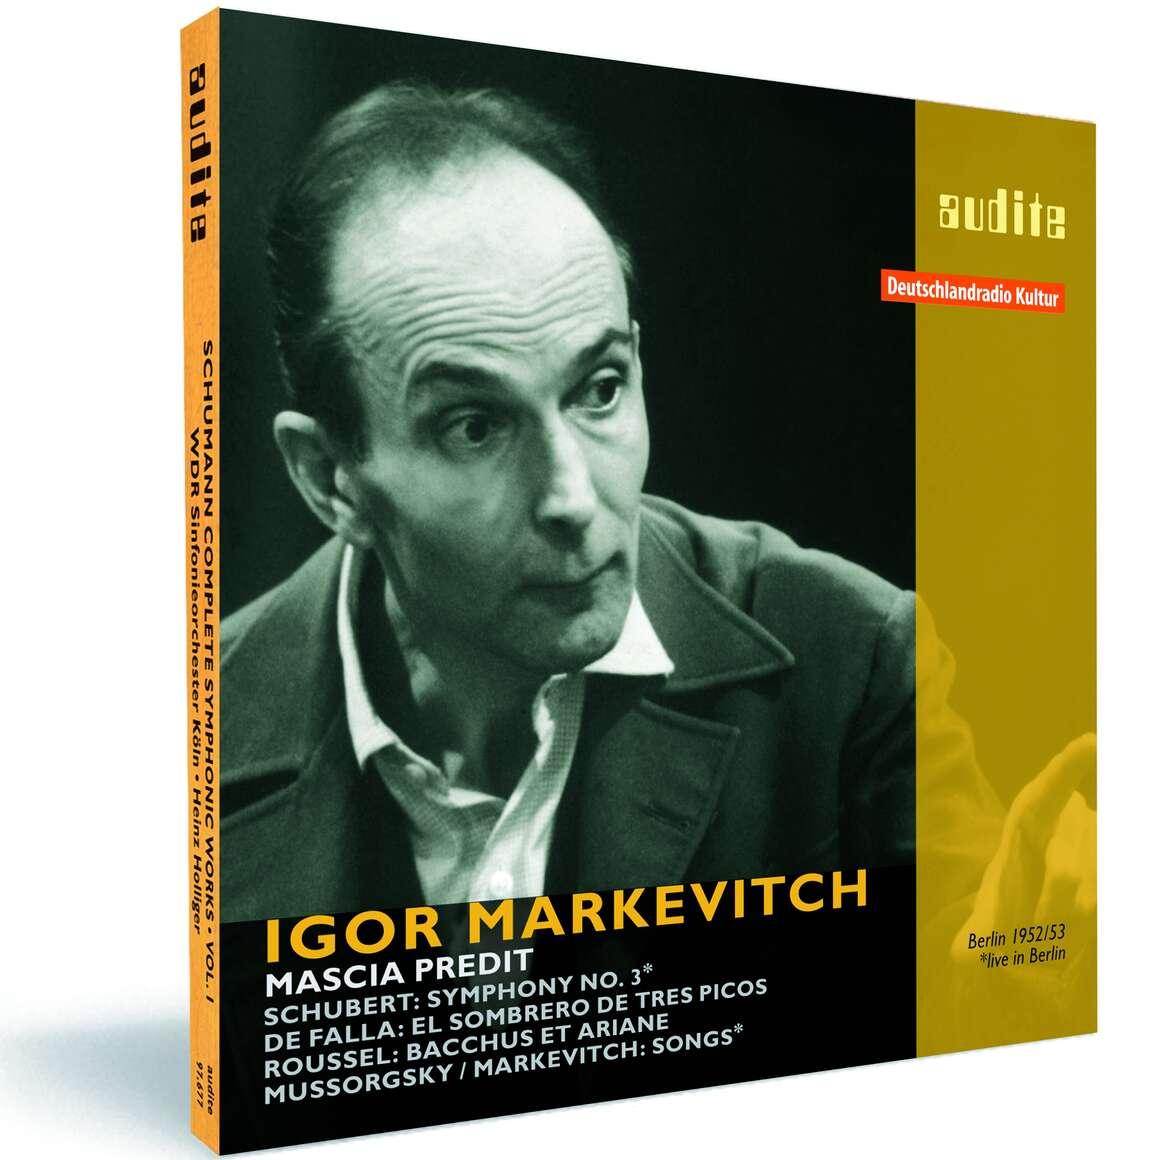 Igor Markevitch conducts Schubert, de Falla, Mussorgsky and Roussel